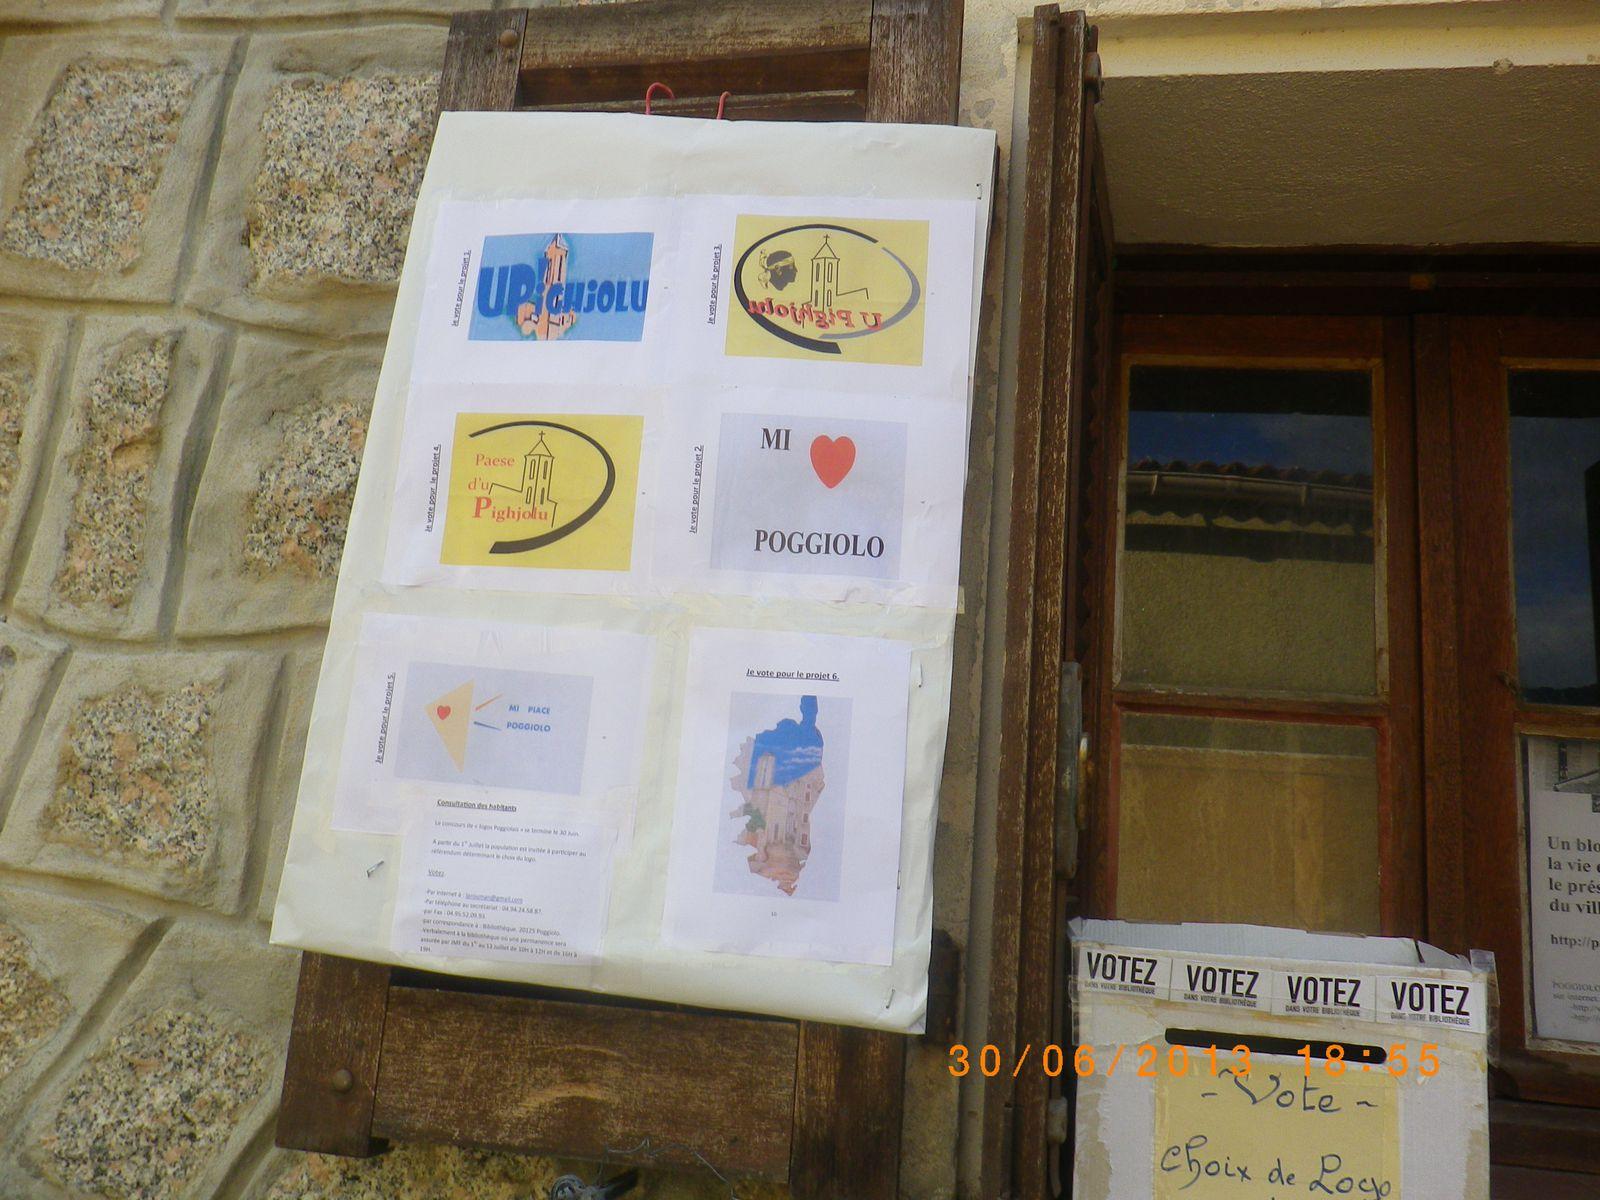 Votez pour l'image de Poggiolo